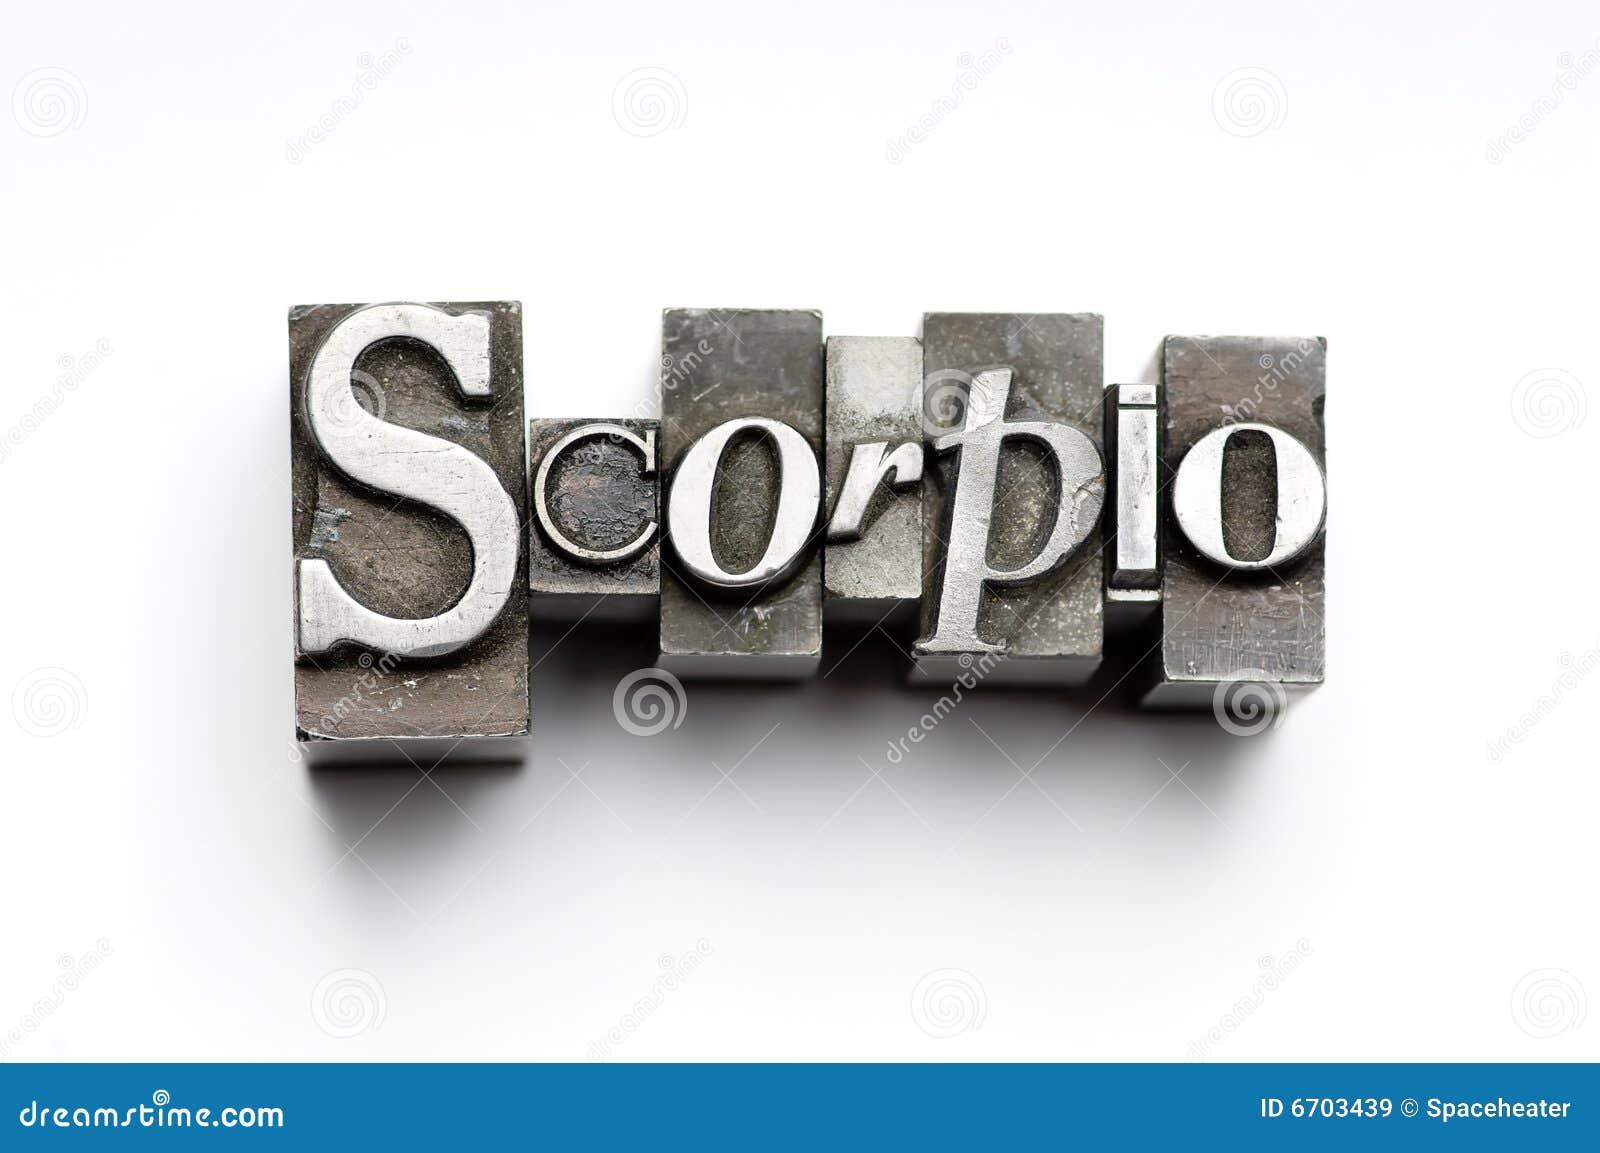 Scorpio Sign Scorpio Zodiac Sign